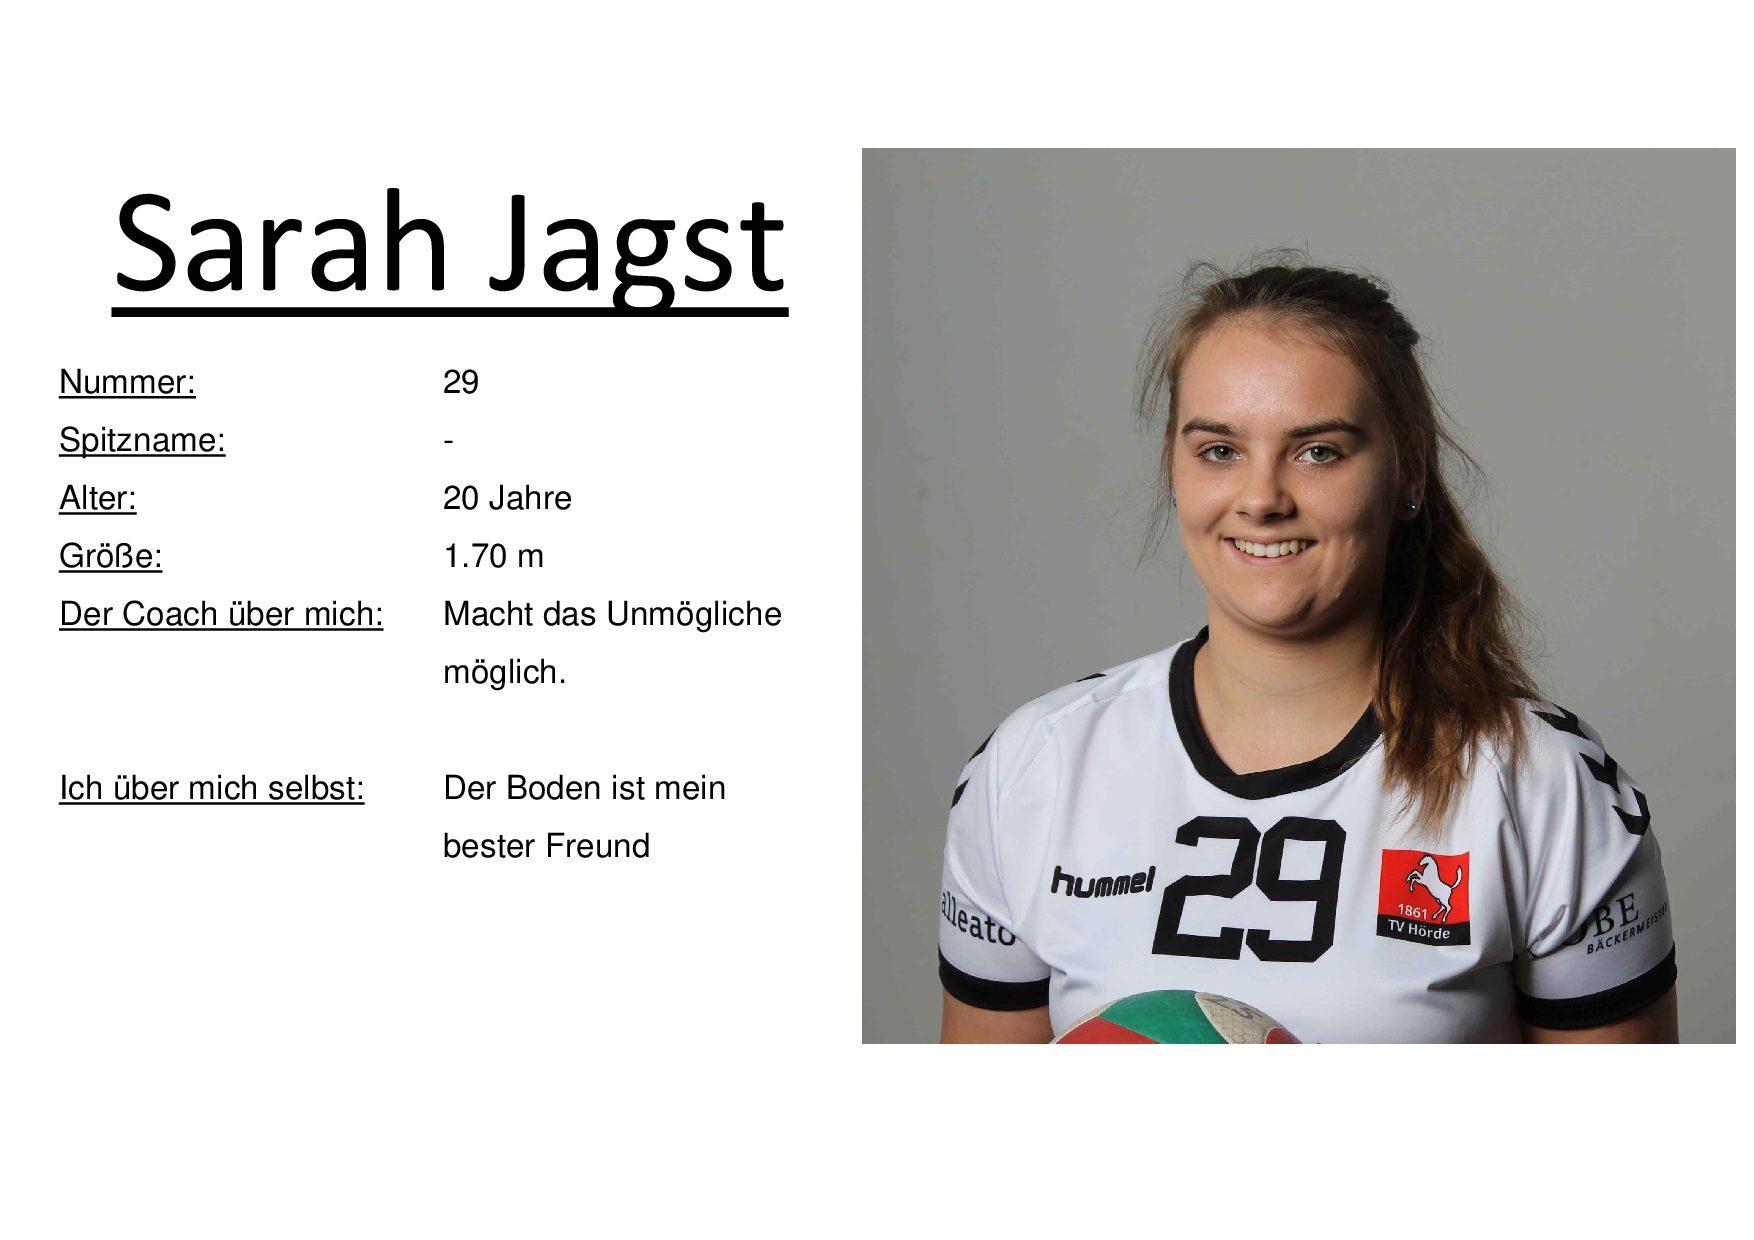 Sarah Jagst